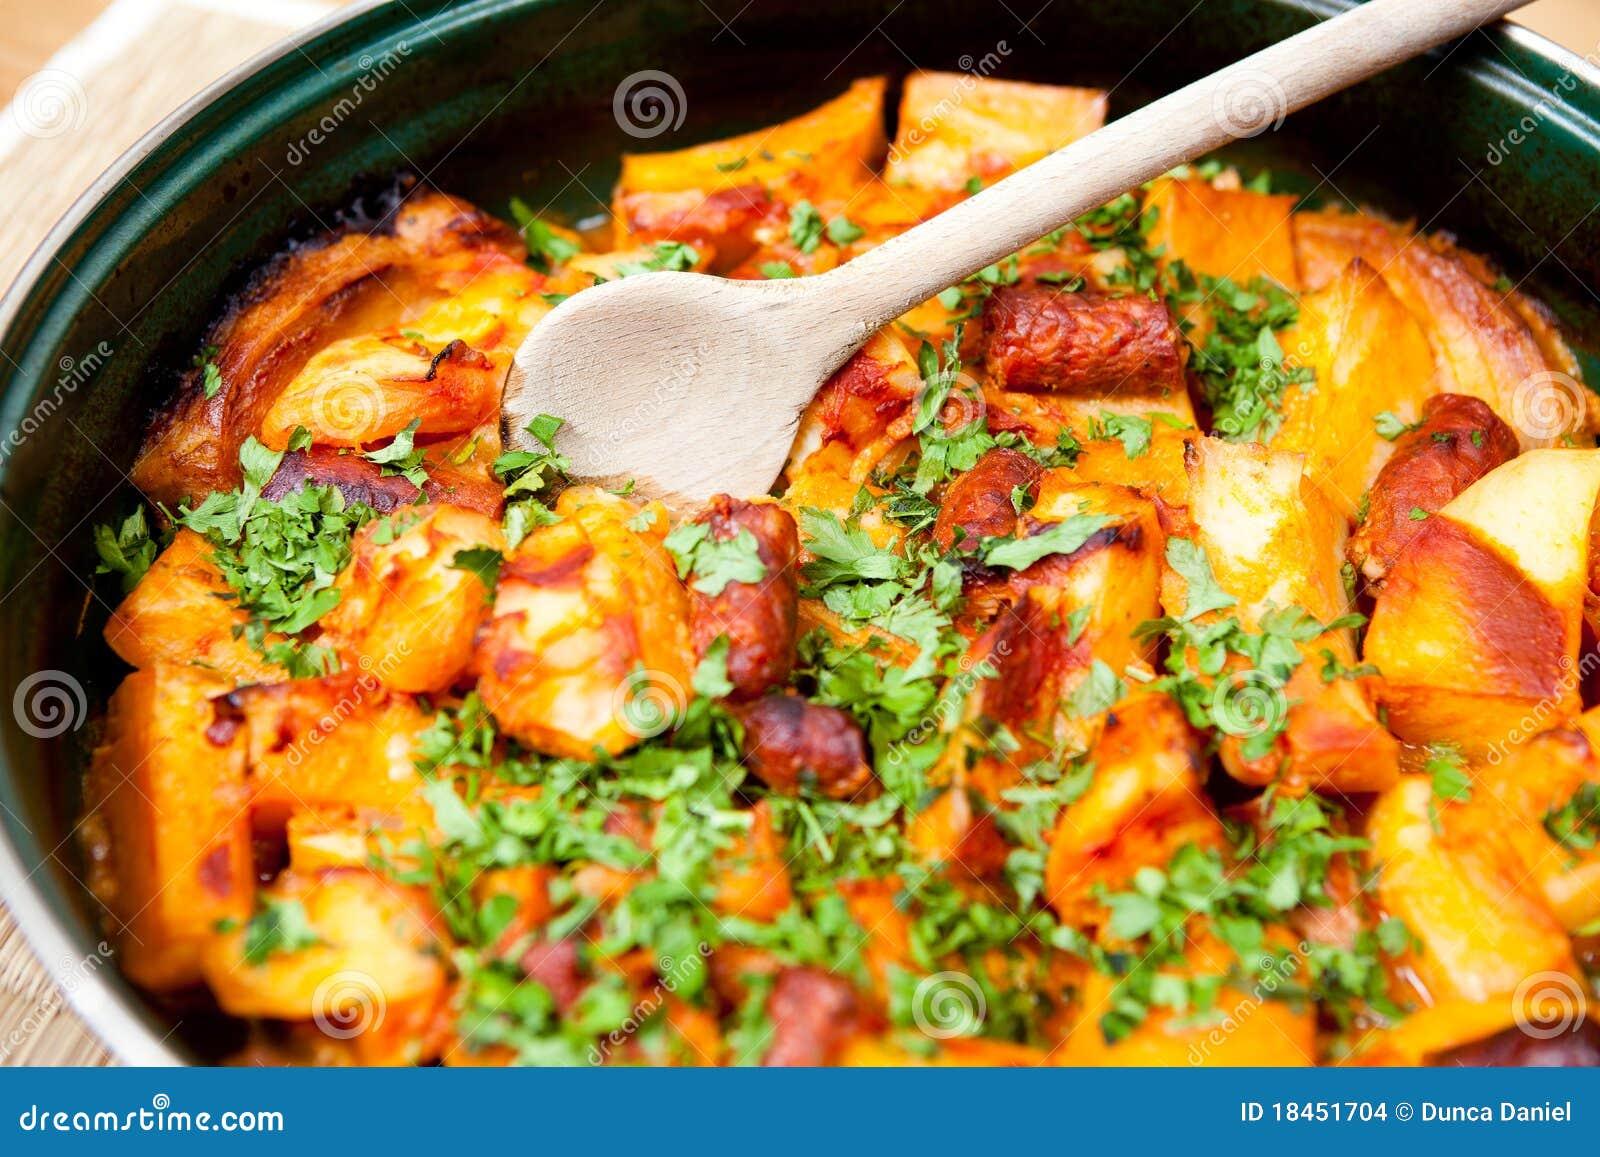 Cuisine Roumaine - Viande Et Pommes De Terre Images stock - Image: 18451704